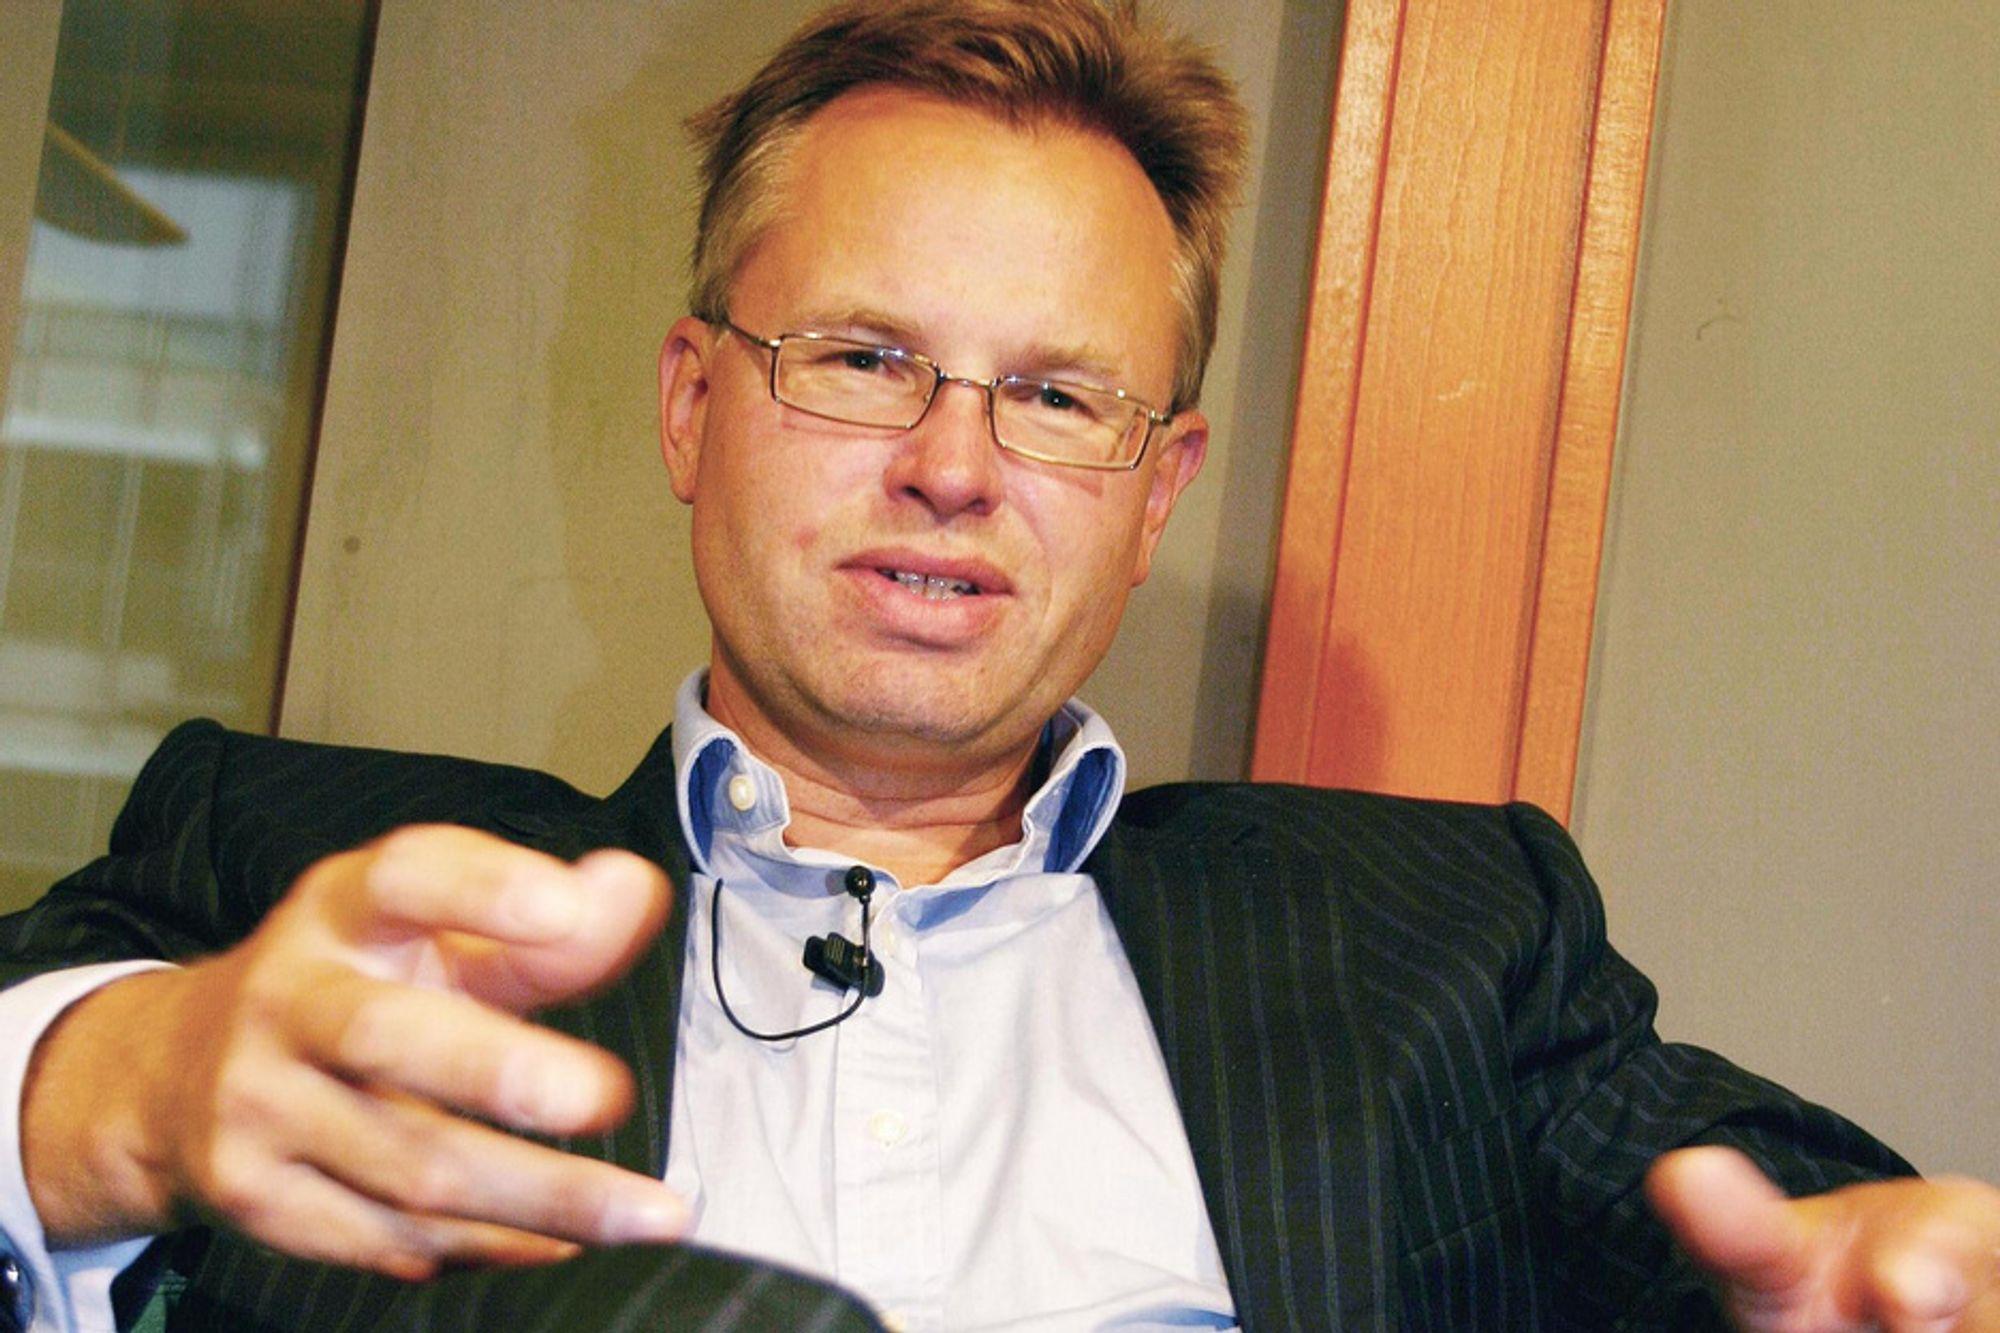 FORNØYD: Visma og administrerende direktør Øystein Moan er solgt videre for 11 milliarder kroner.